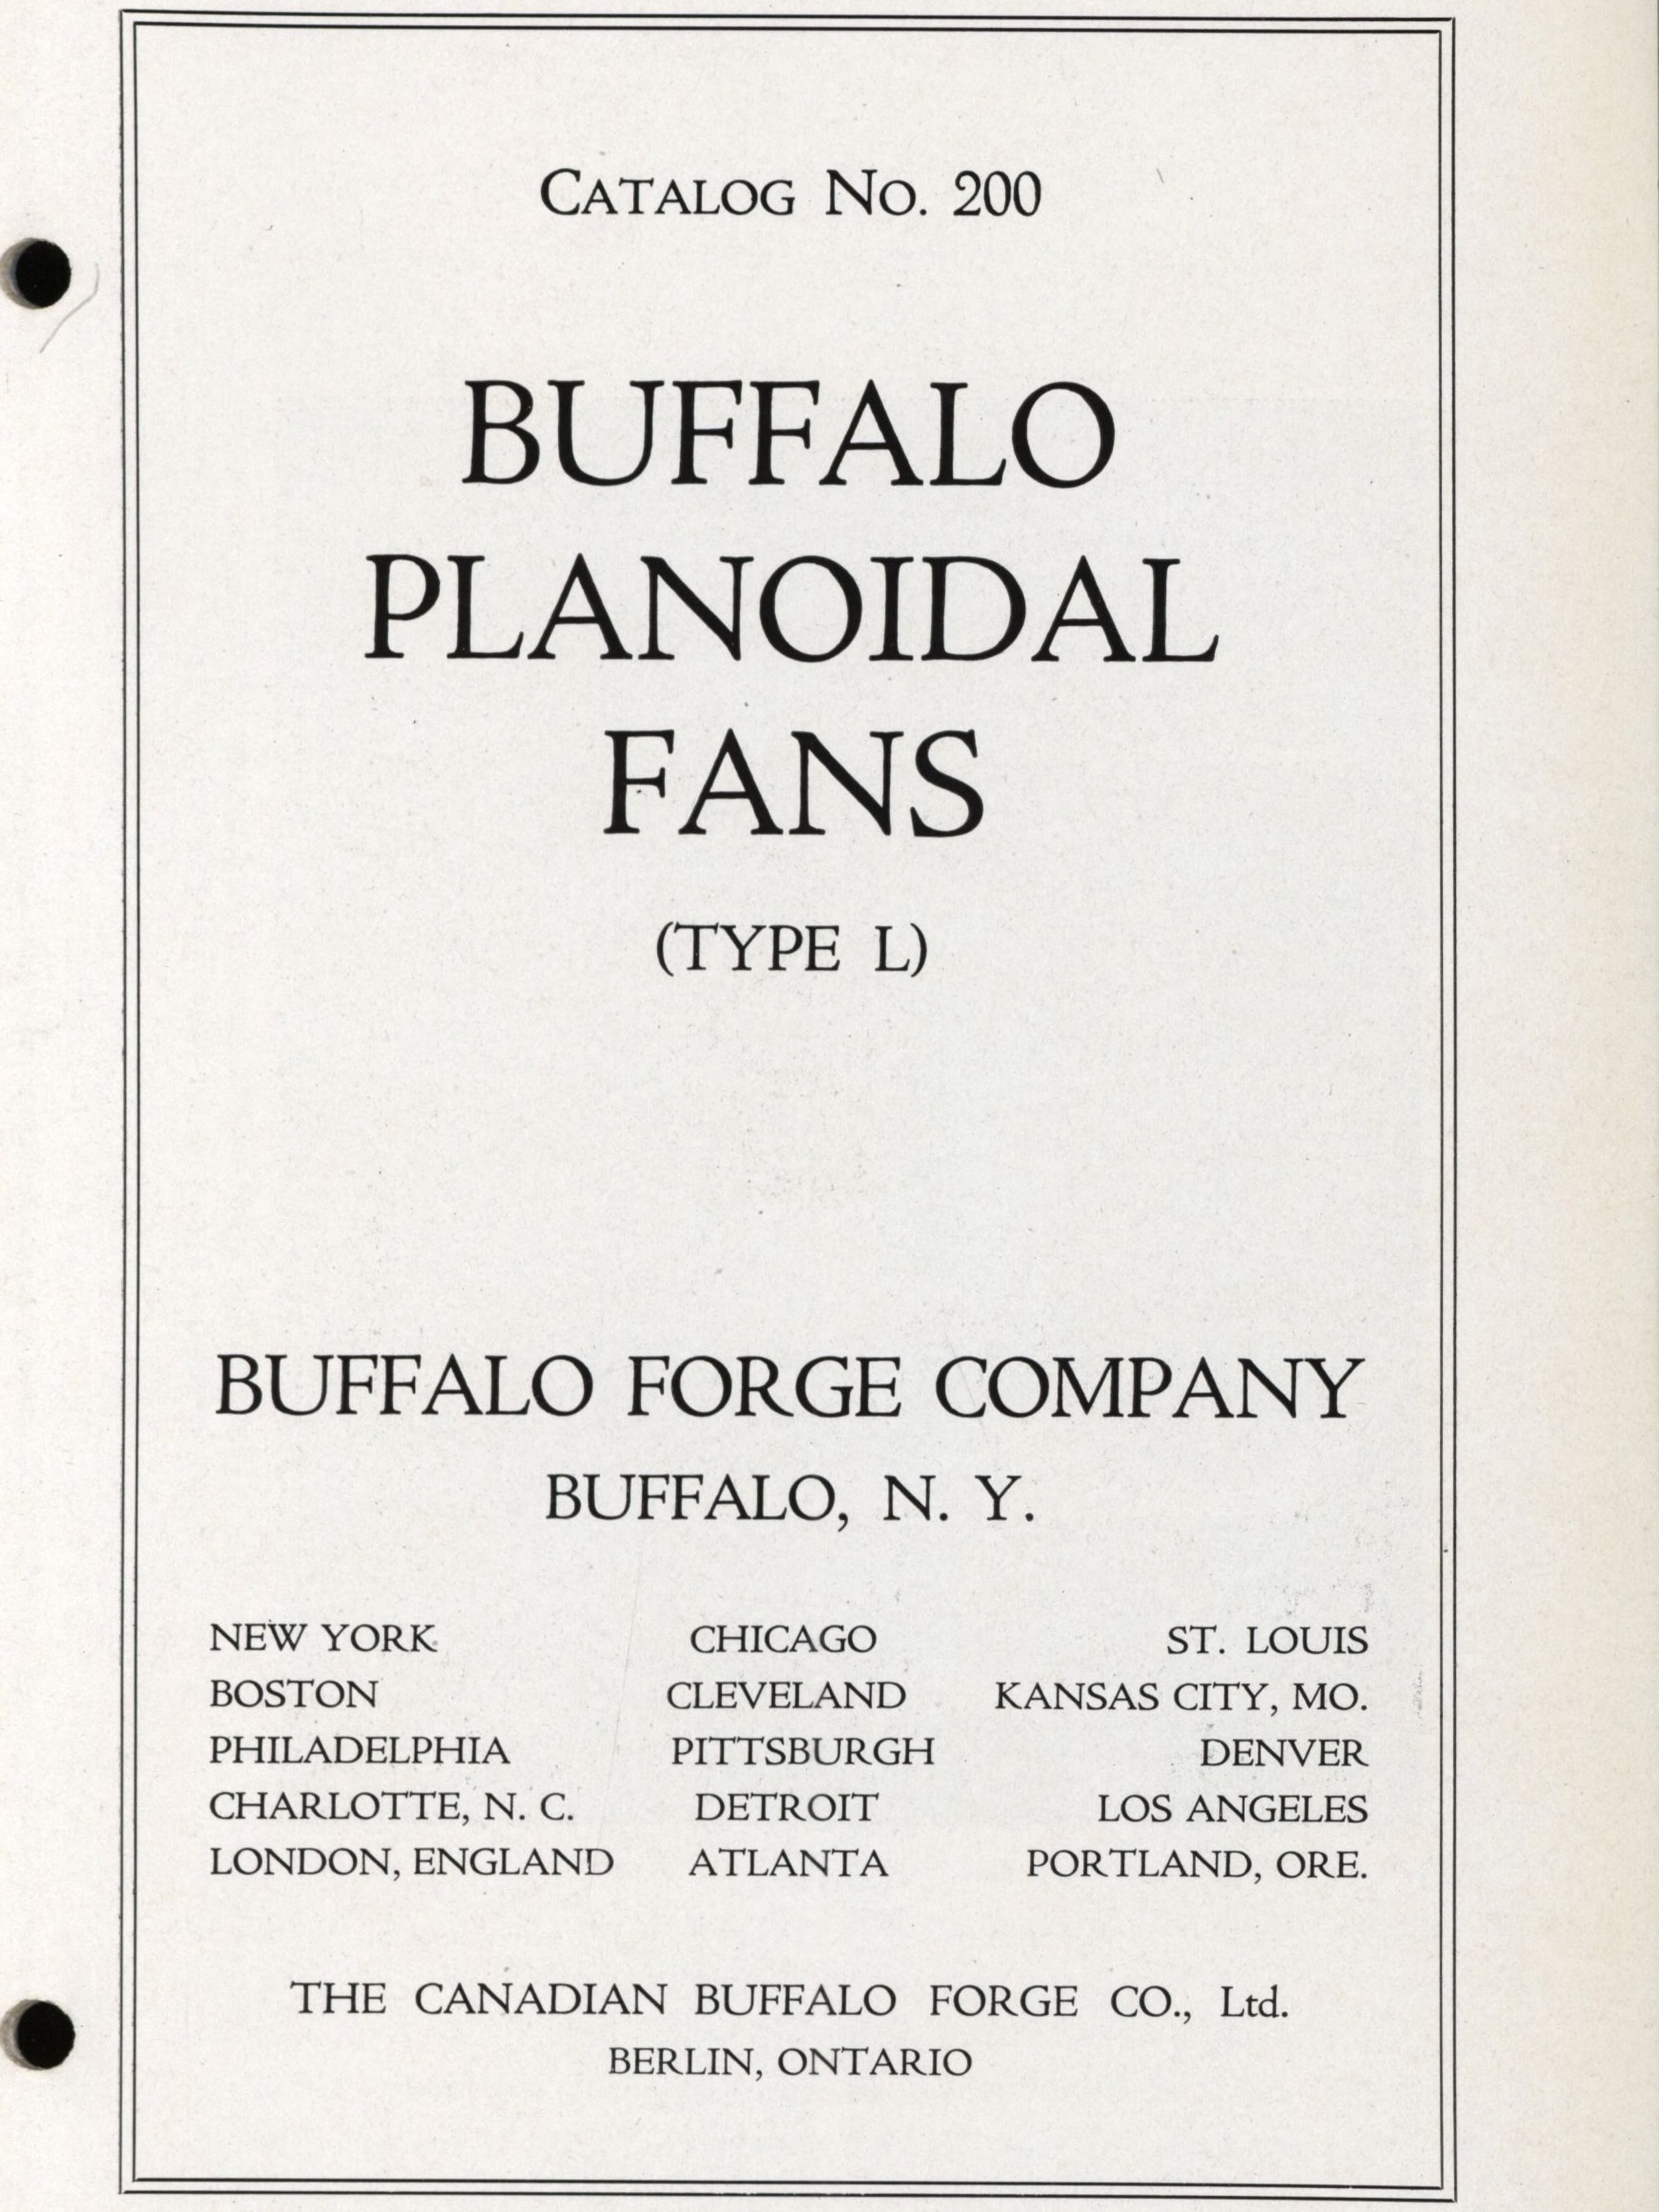 BuffaloForgeCompany0003_0004.jpg